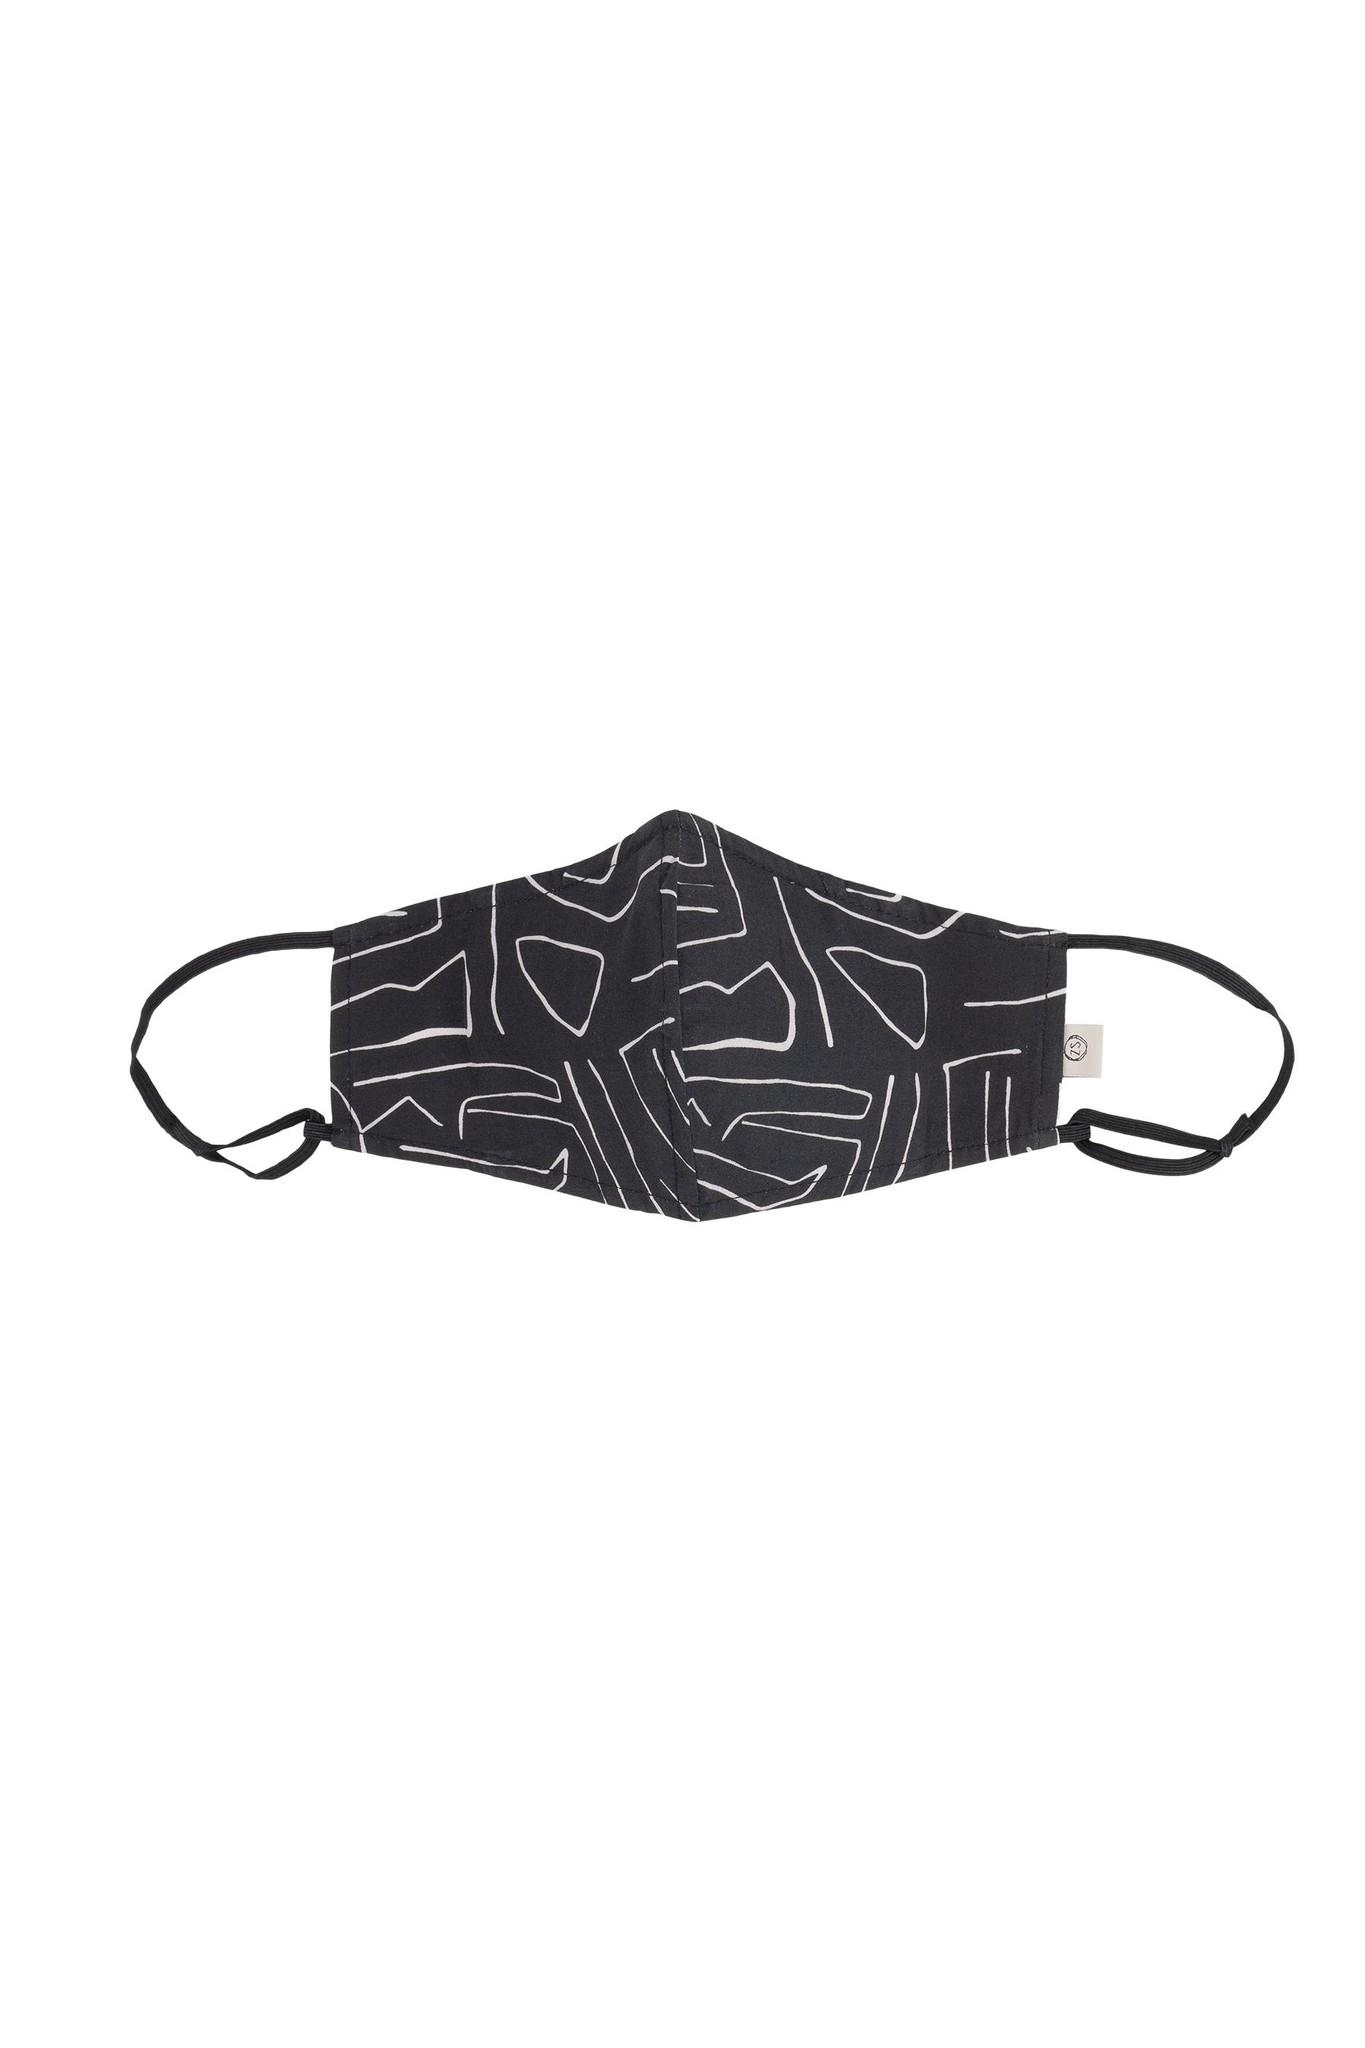 Zwart mondmasker met safariprint Zusss